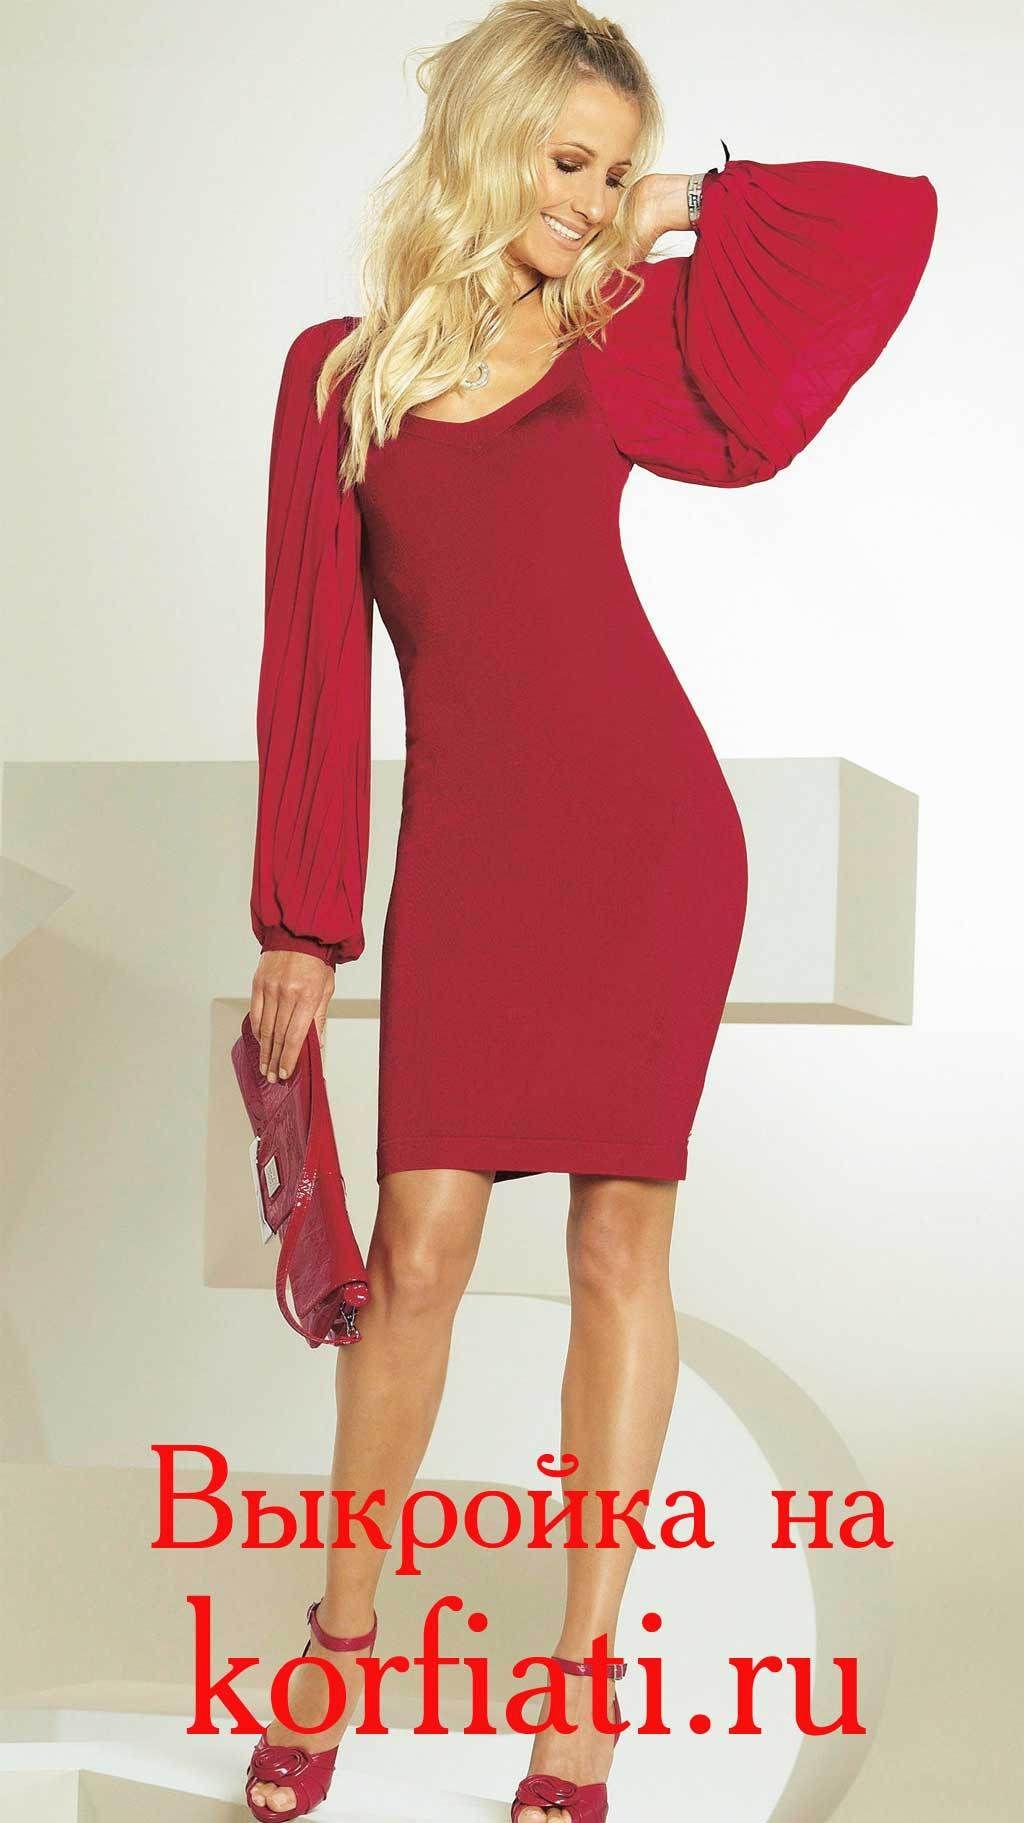 свободное трикотажное платье с цельнокроеным рукавом е выкройка